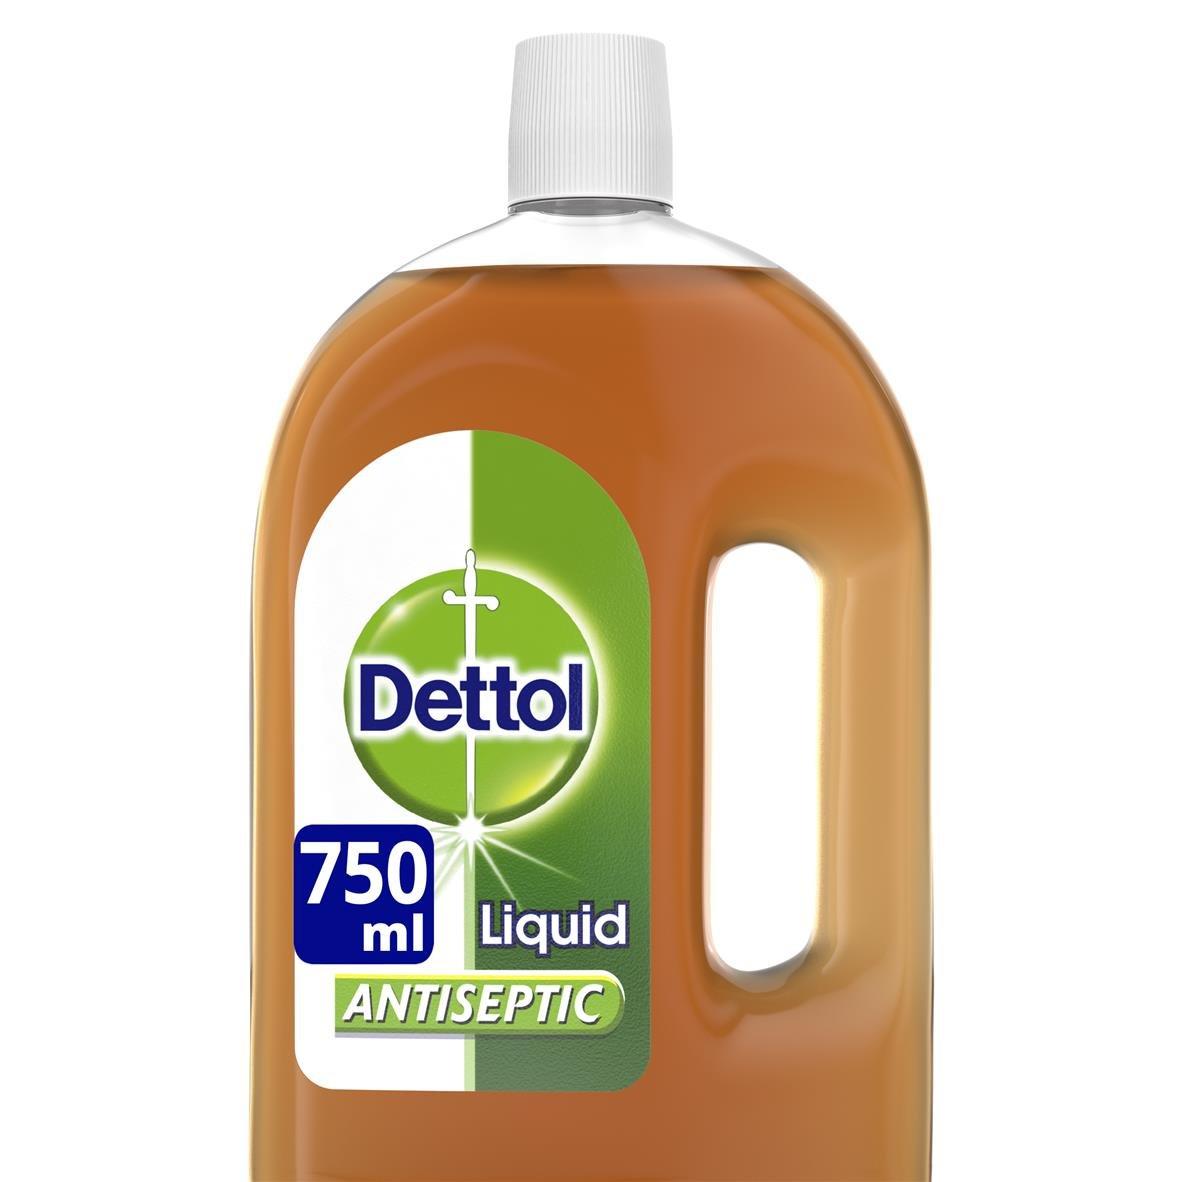 Dettol Antiseptic Disinfectant Liquid (750ml)